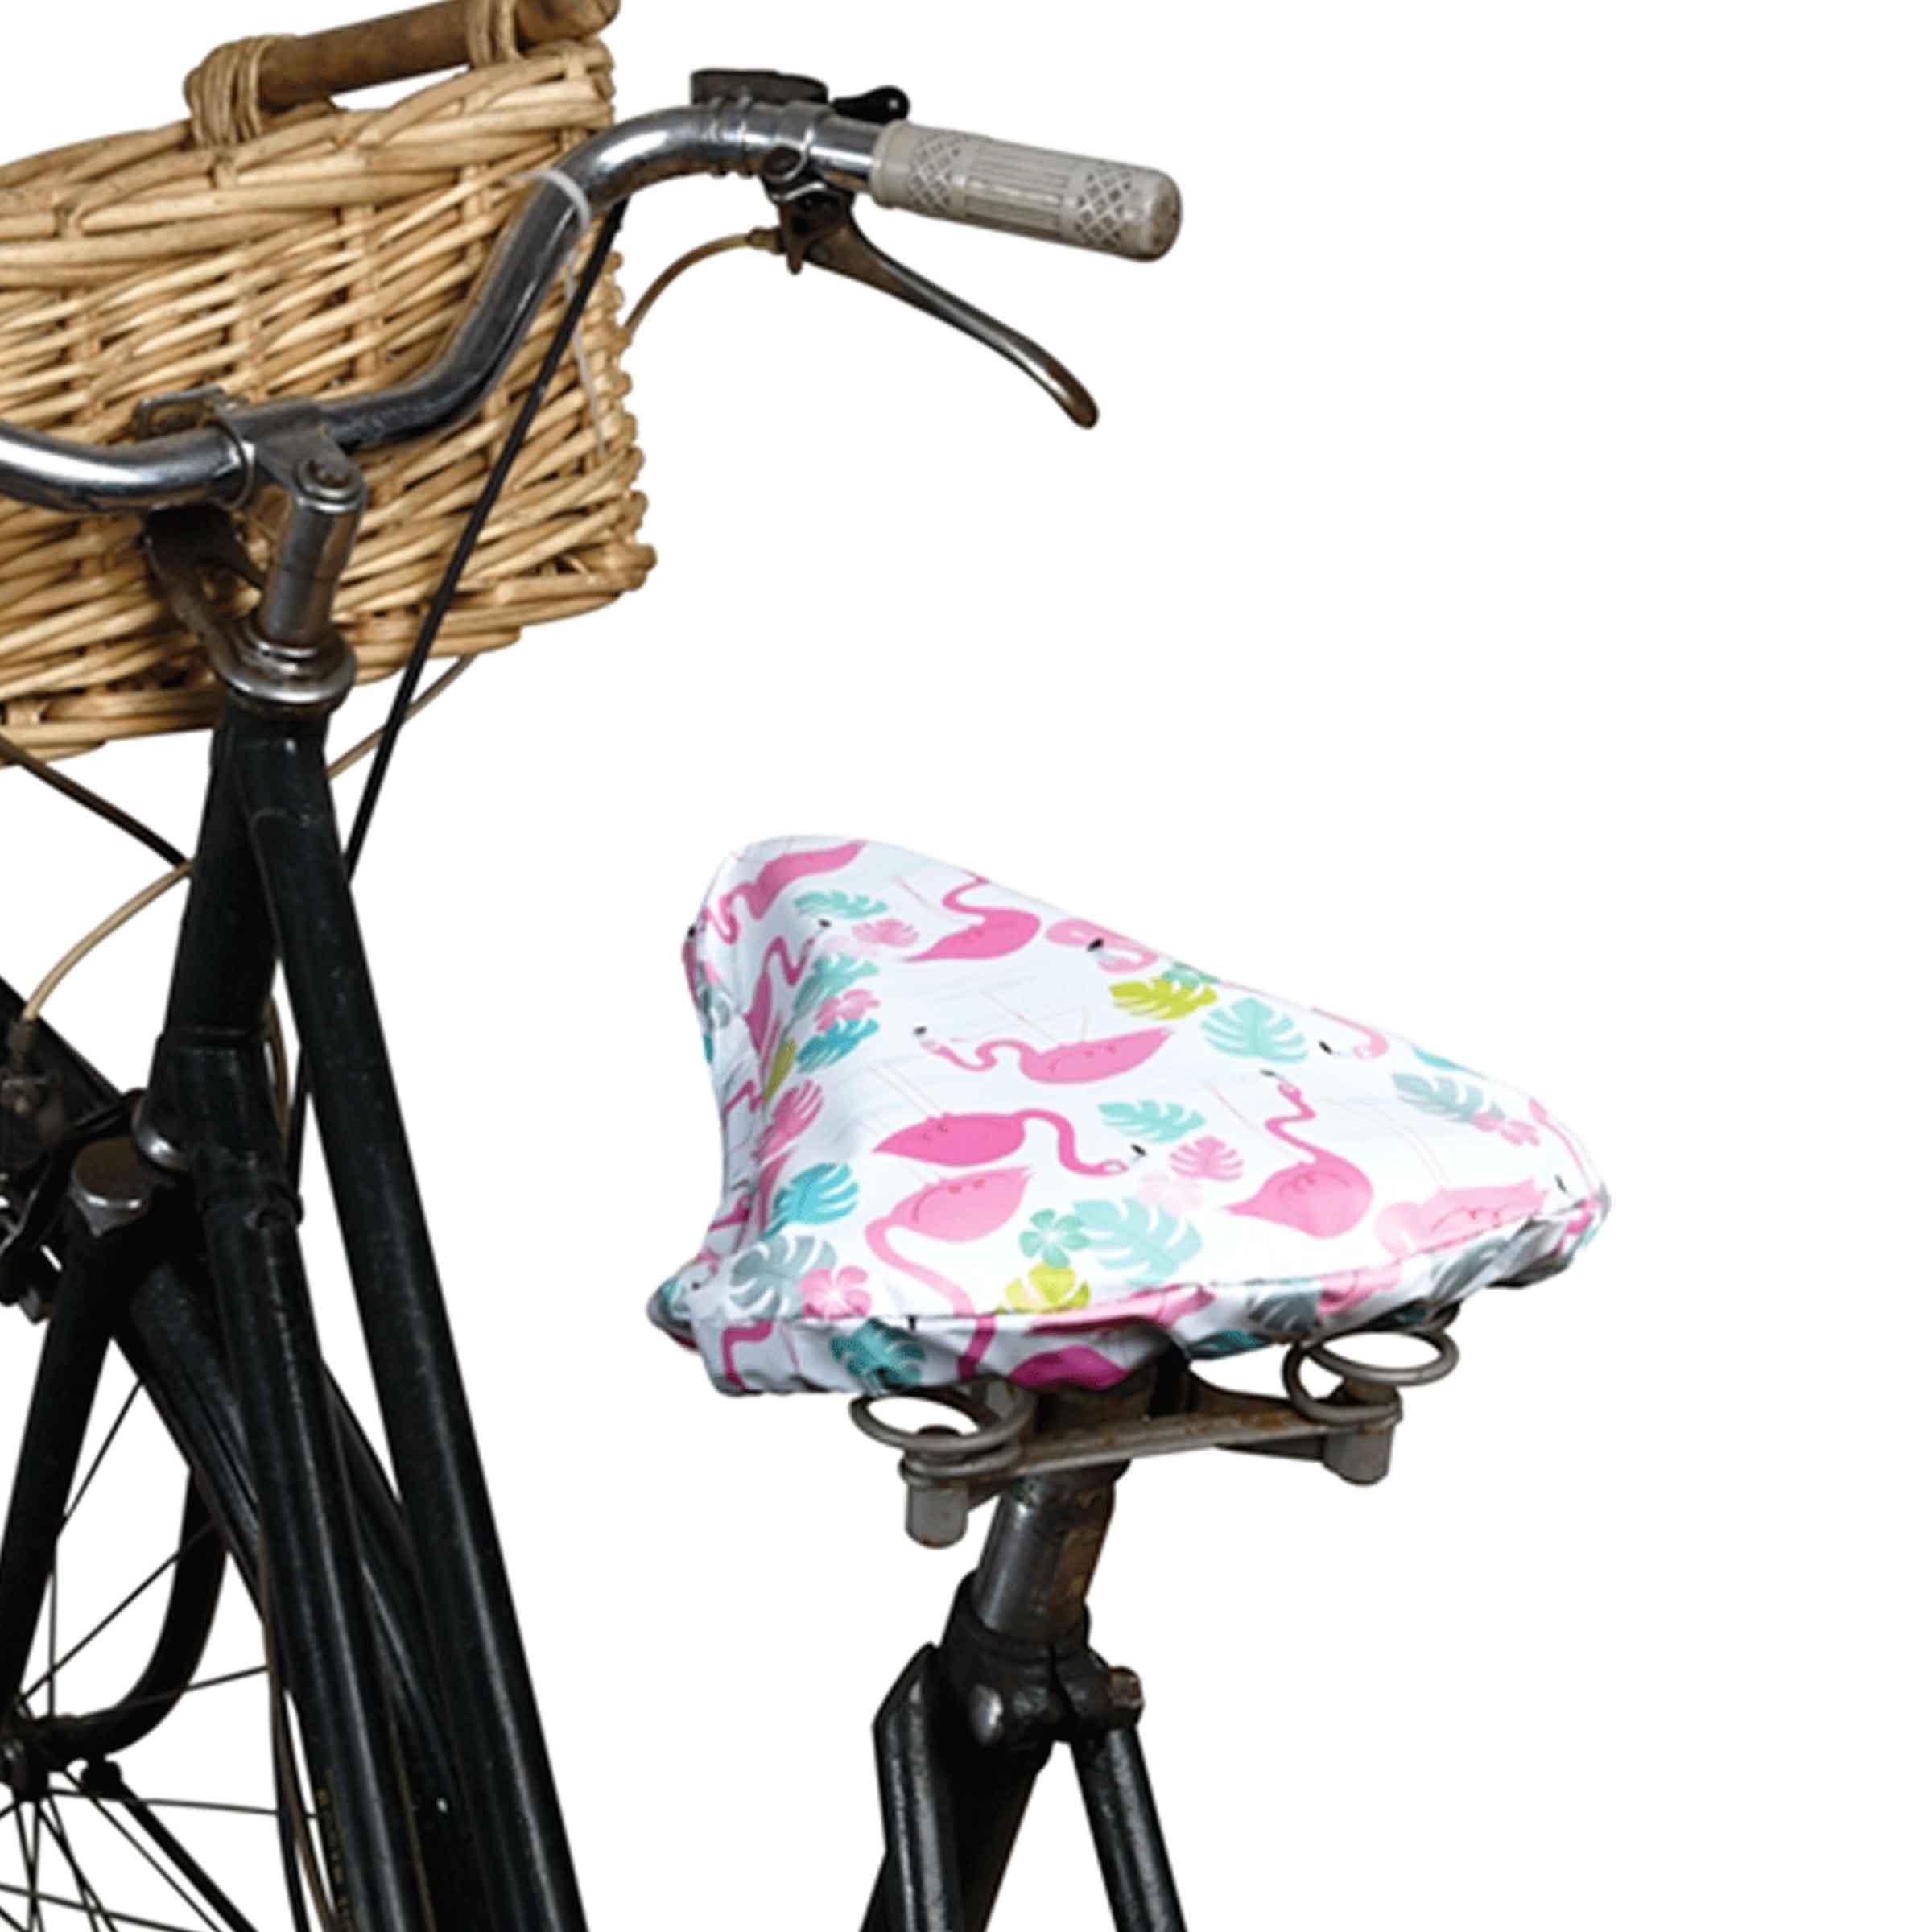 Housse de protection en plastique pour selle de vélo avec motifs flamants roses